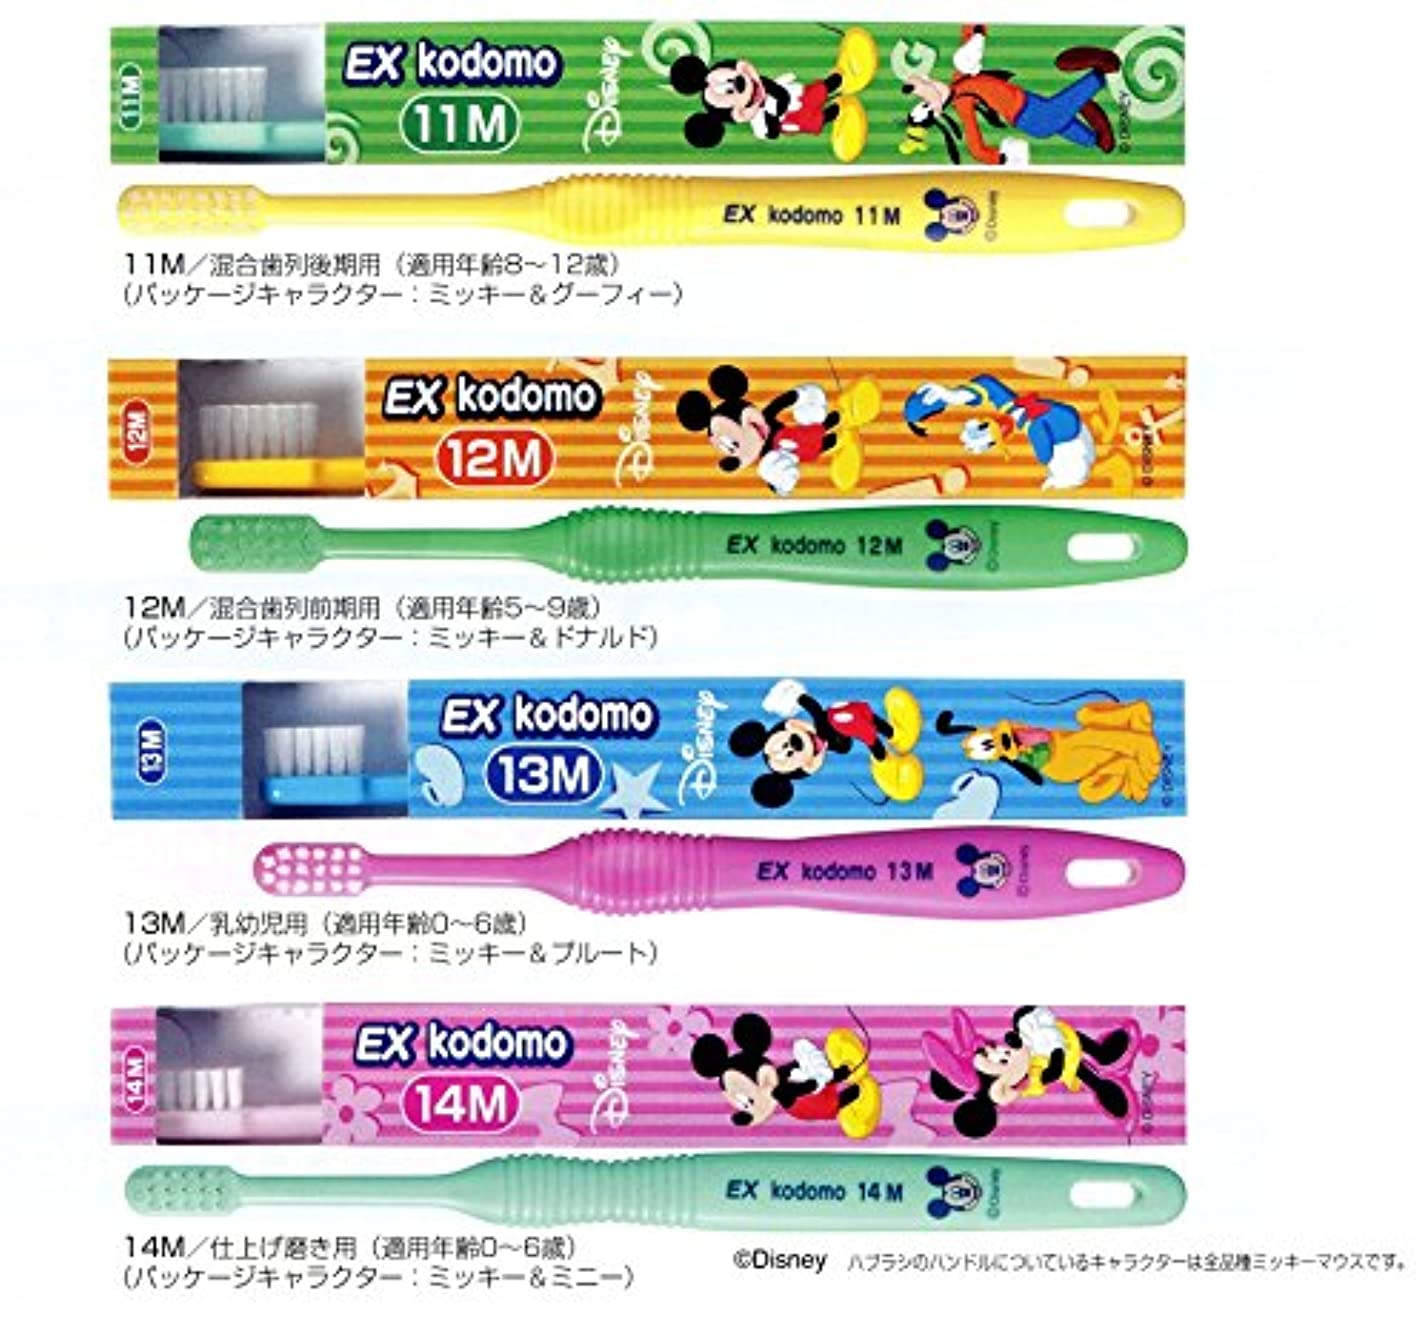 シャワーつらいタイプライターライオン コドモ ディズニー DENT.EX kodomo Disney 1本 11M イエロー (8?12歳)